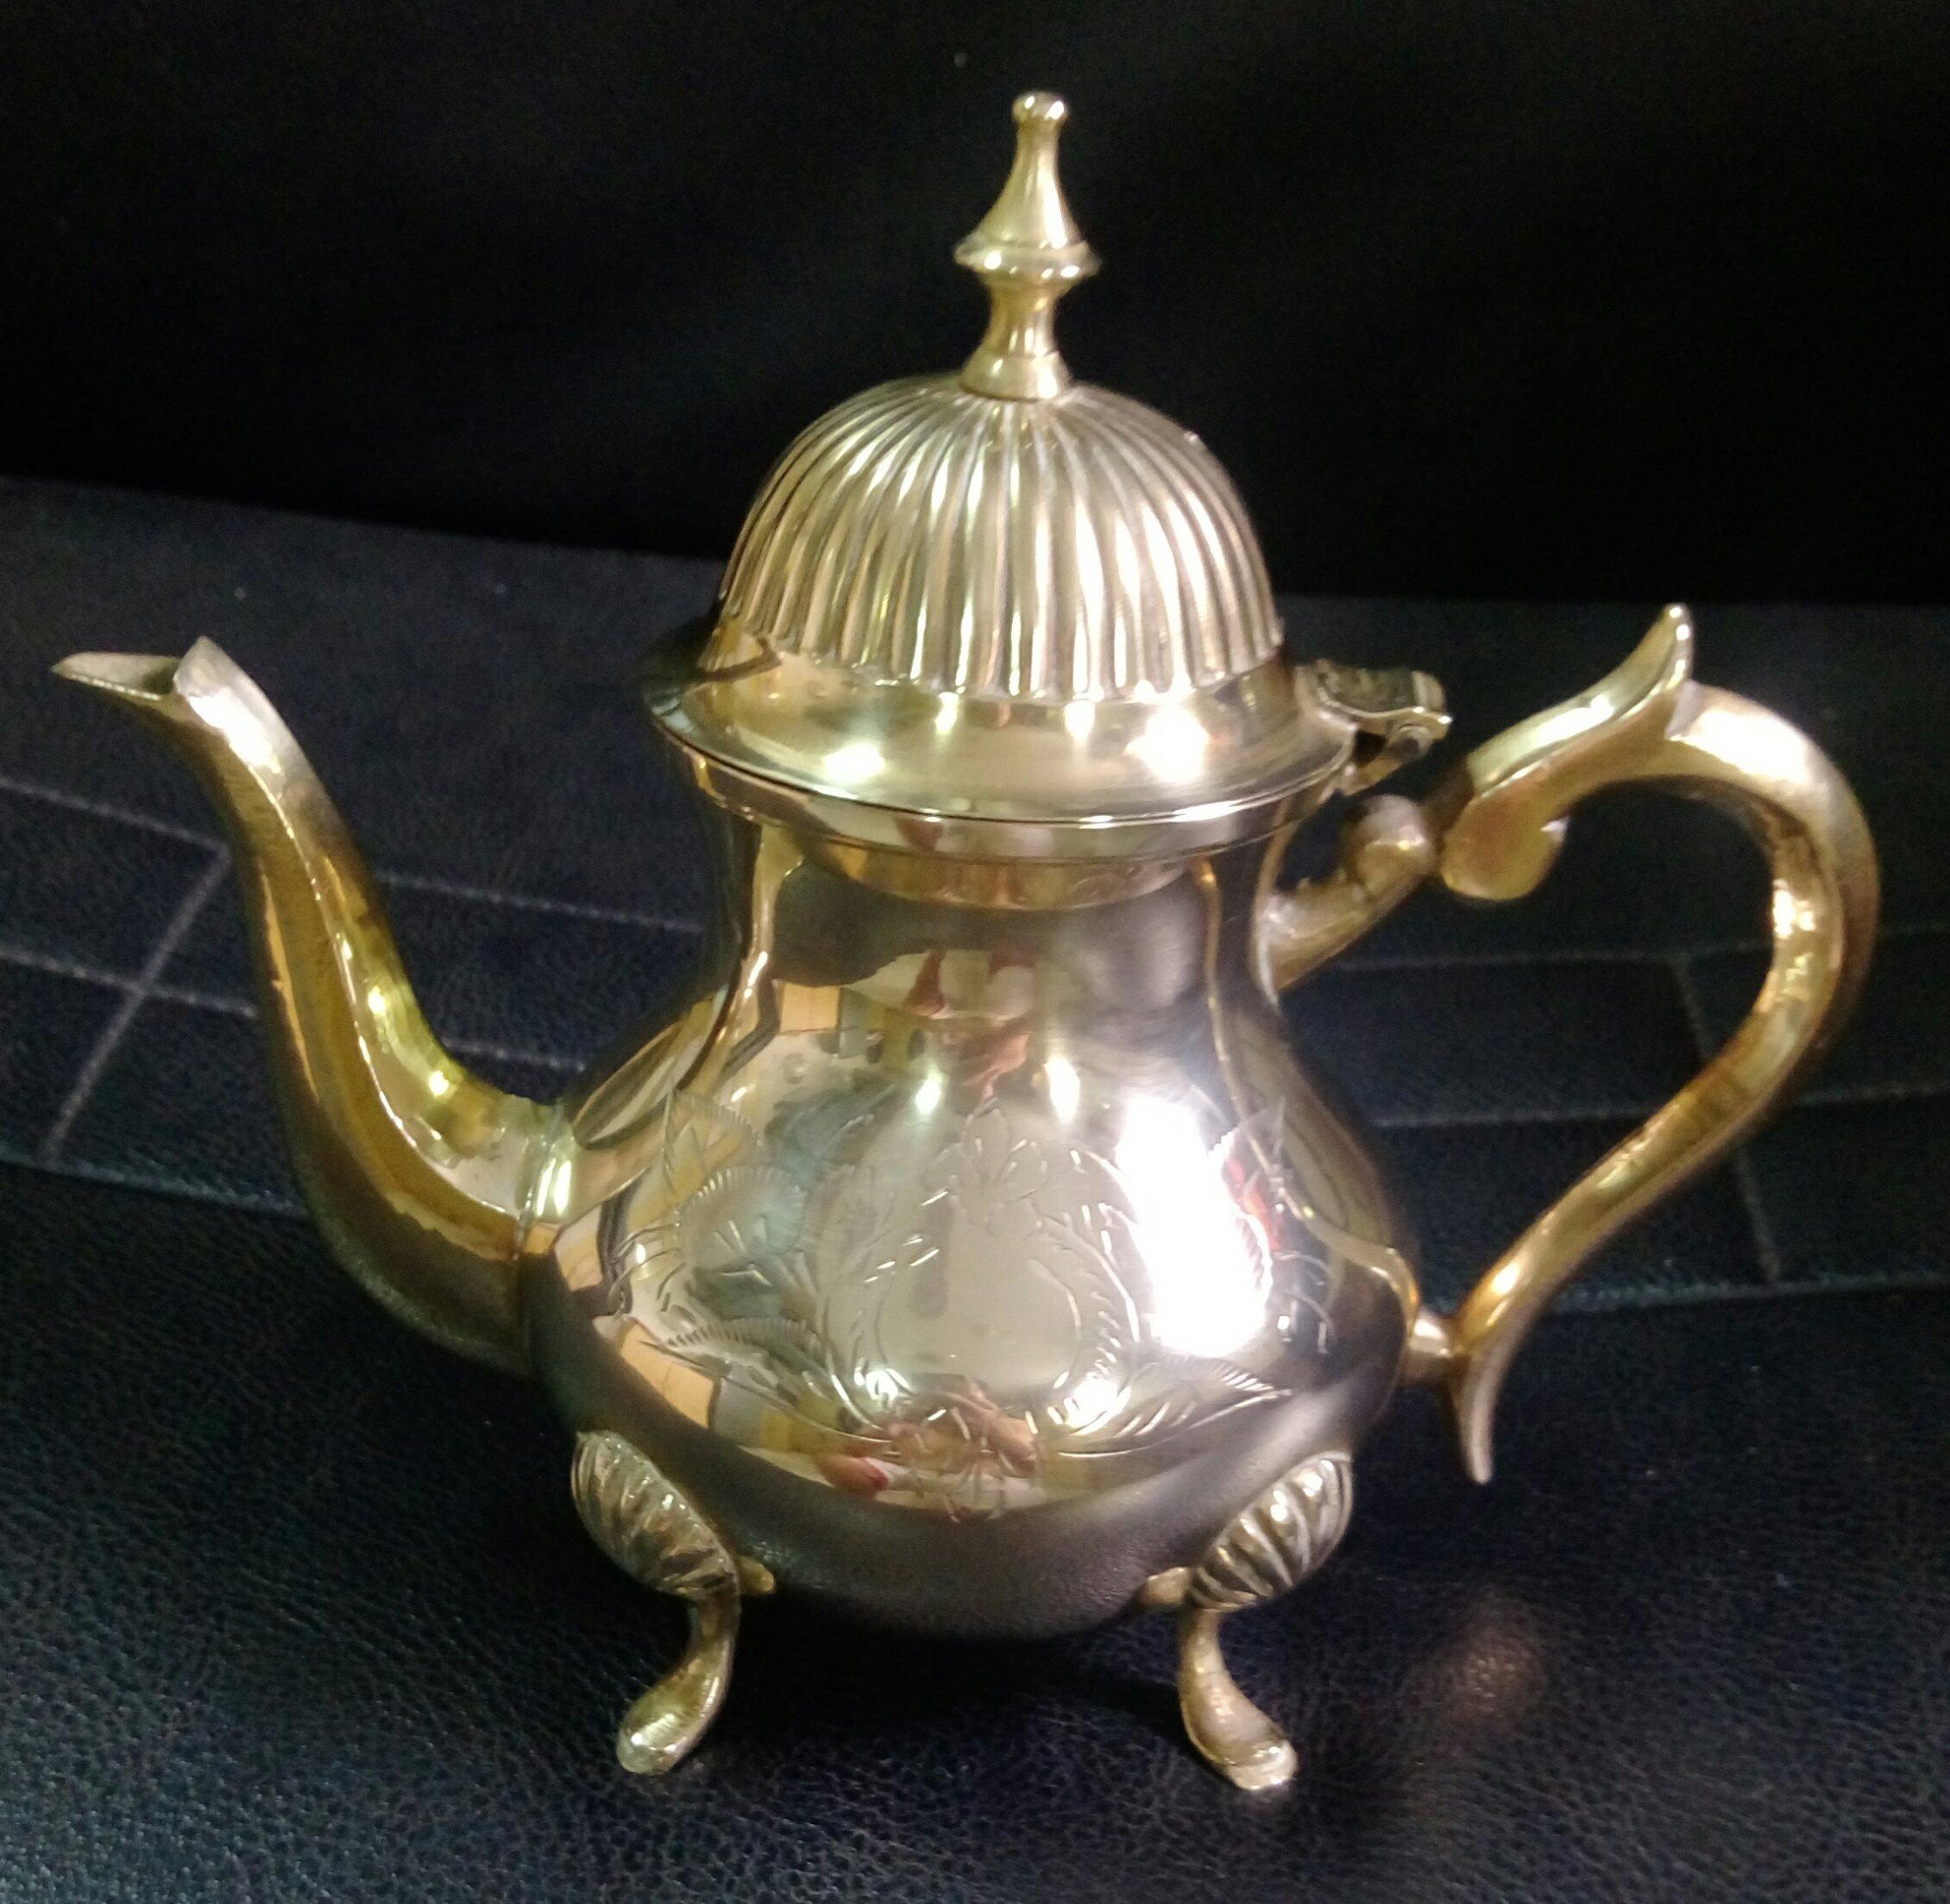 52 高級西洋鍍銀壺 silver plated tea pot / coffee pot / kettle